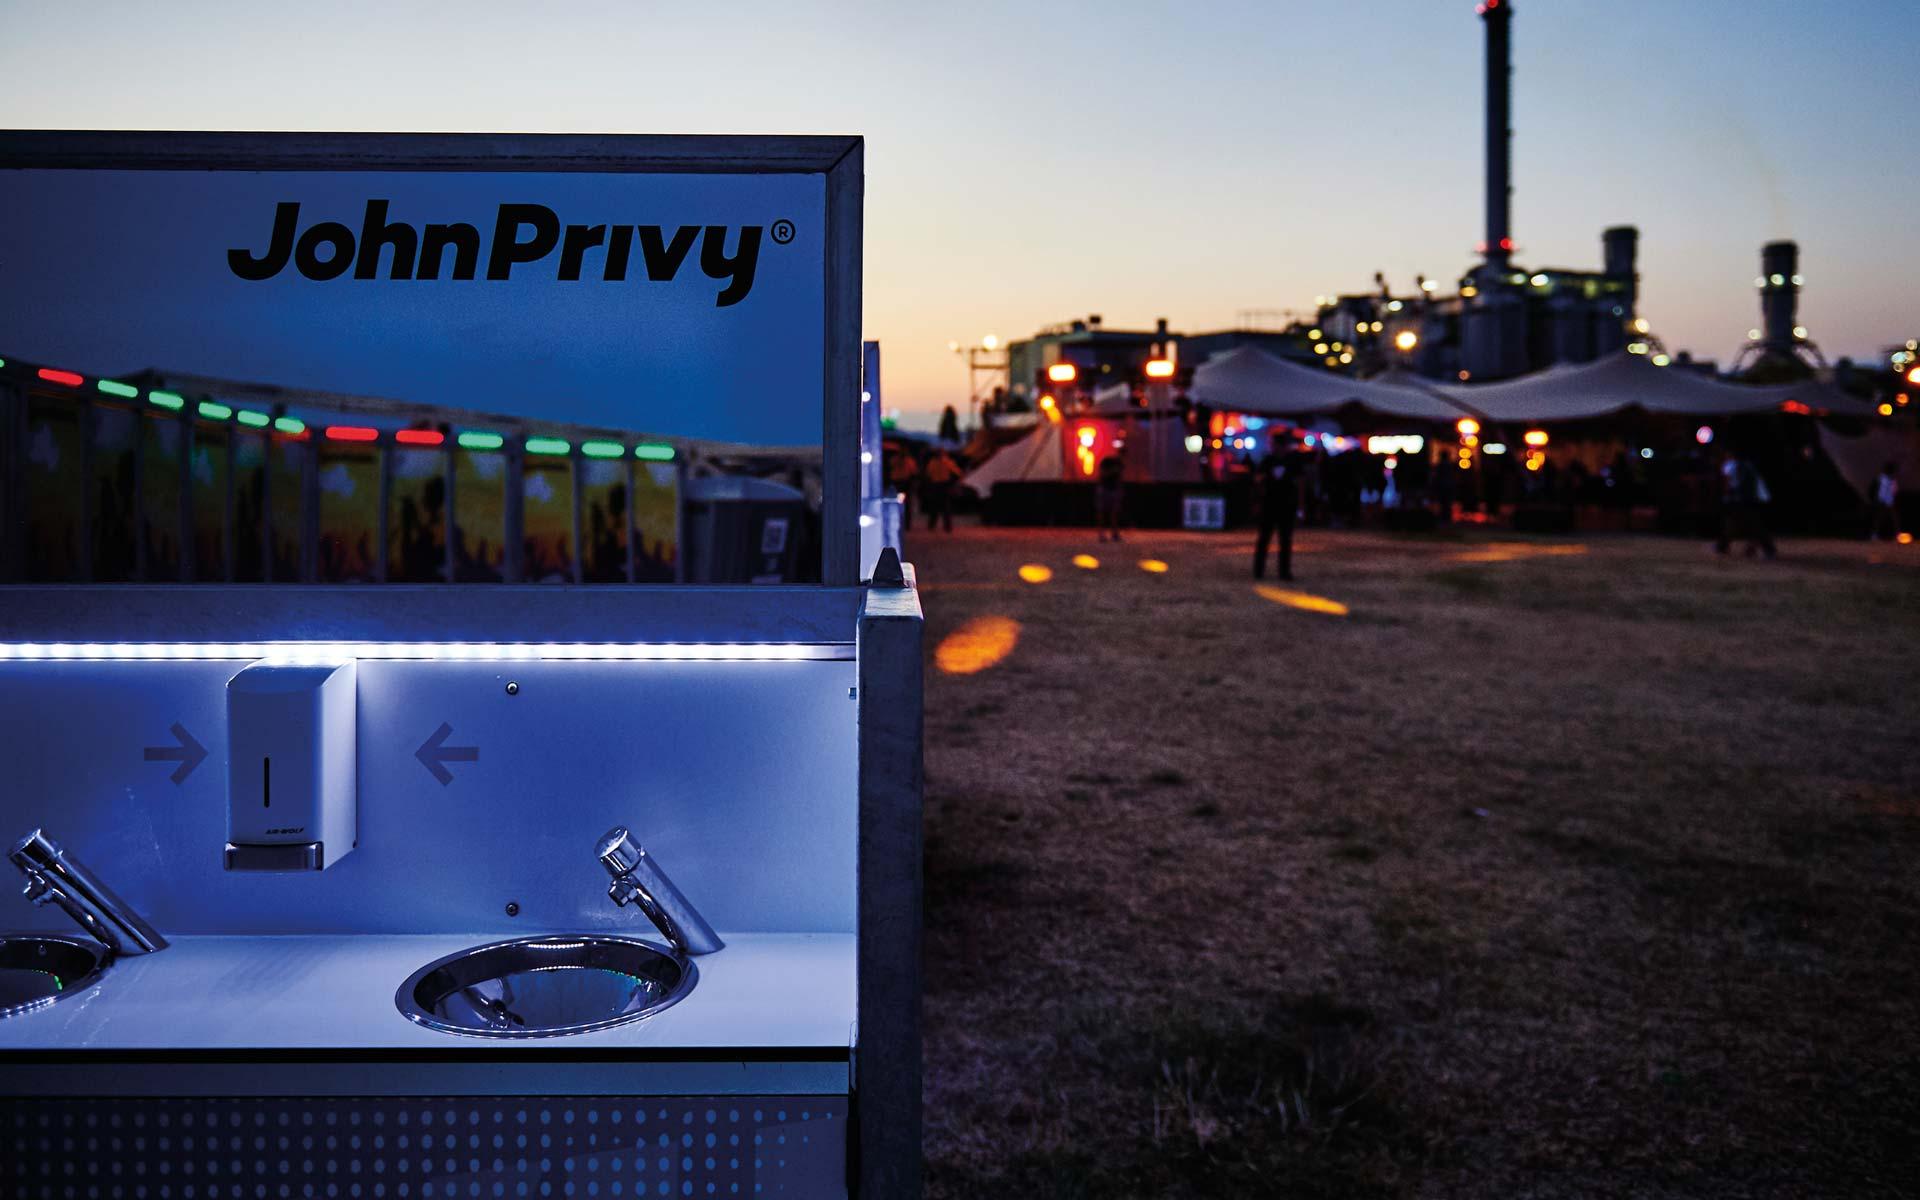 John Privy® Brand Identity, Logotype, Corporate Design Entwicklung, Waschbecken bei Nacht, Branding